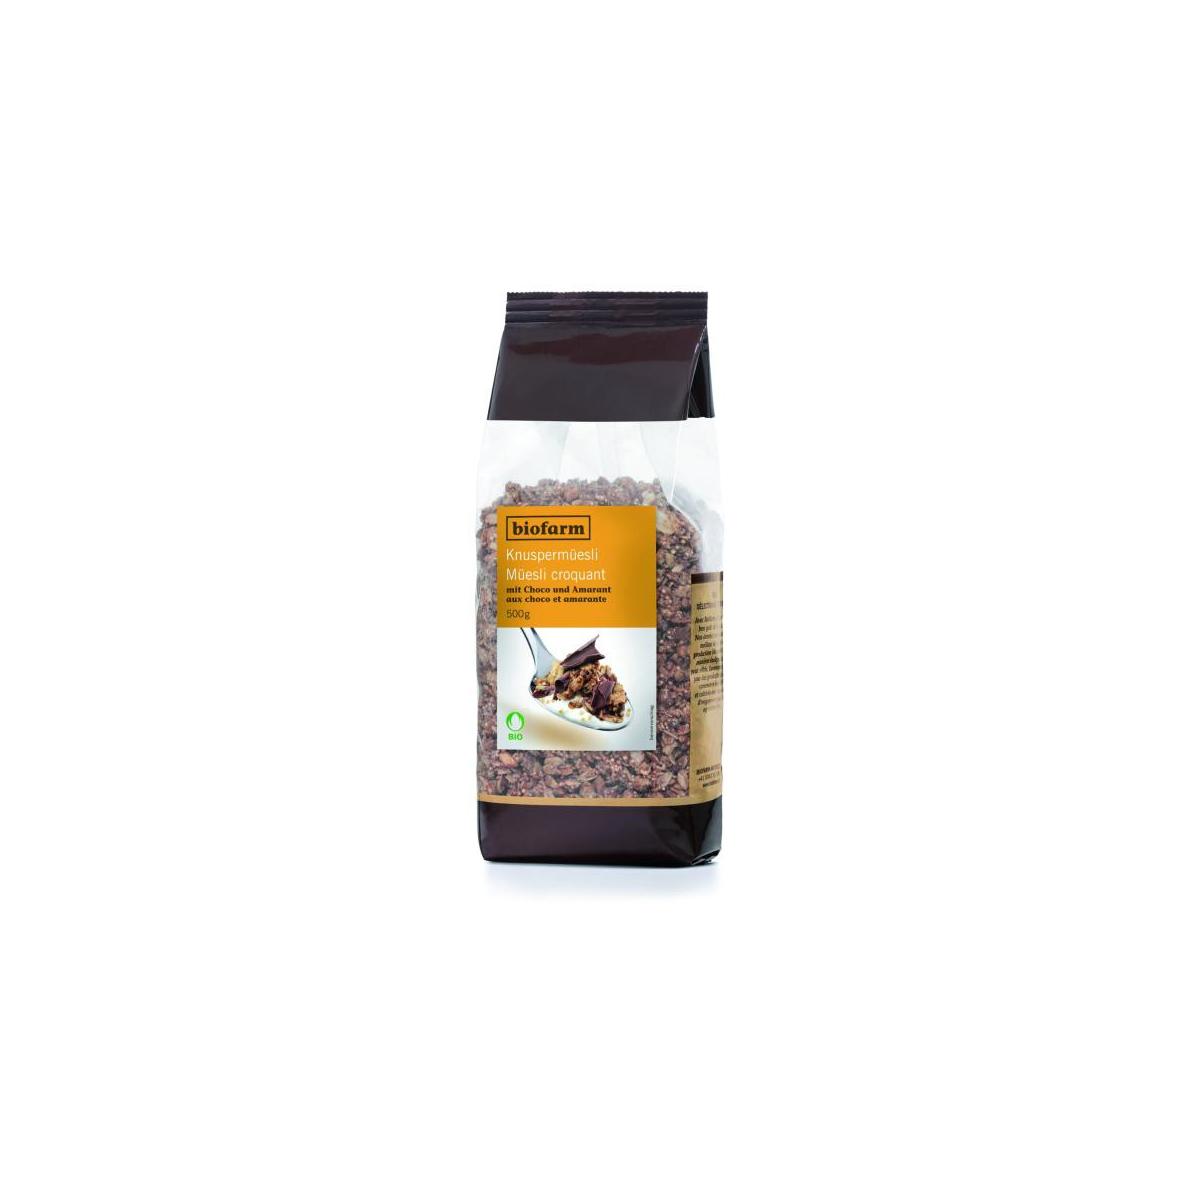 Knuspermüesli Choco / Amaranth